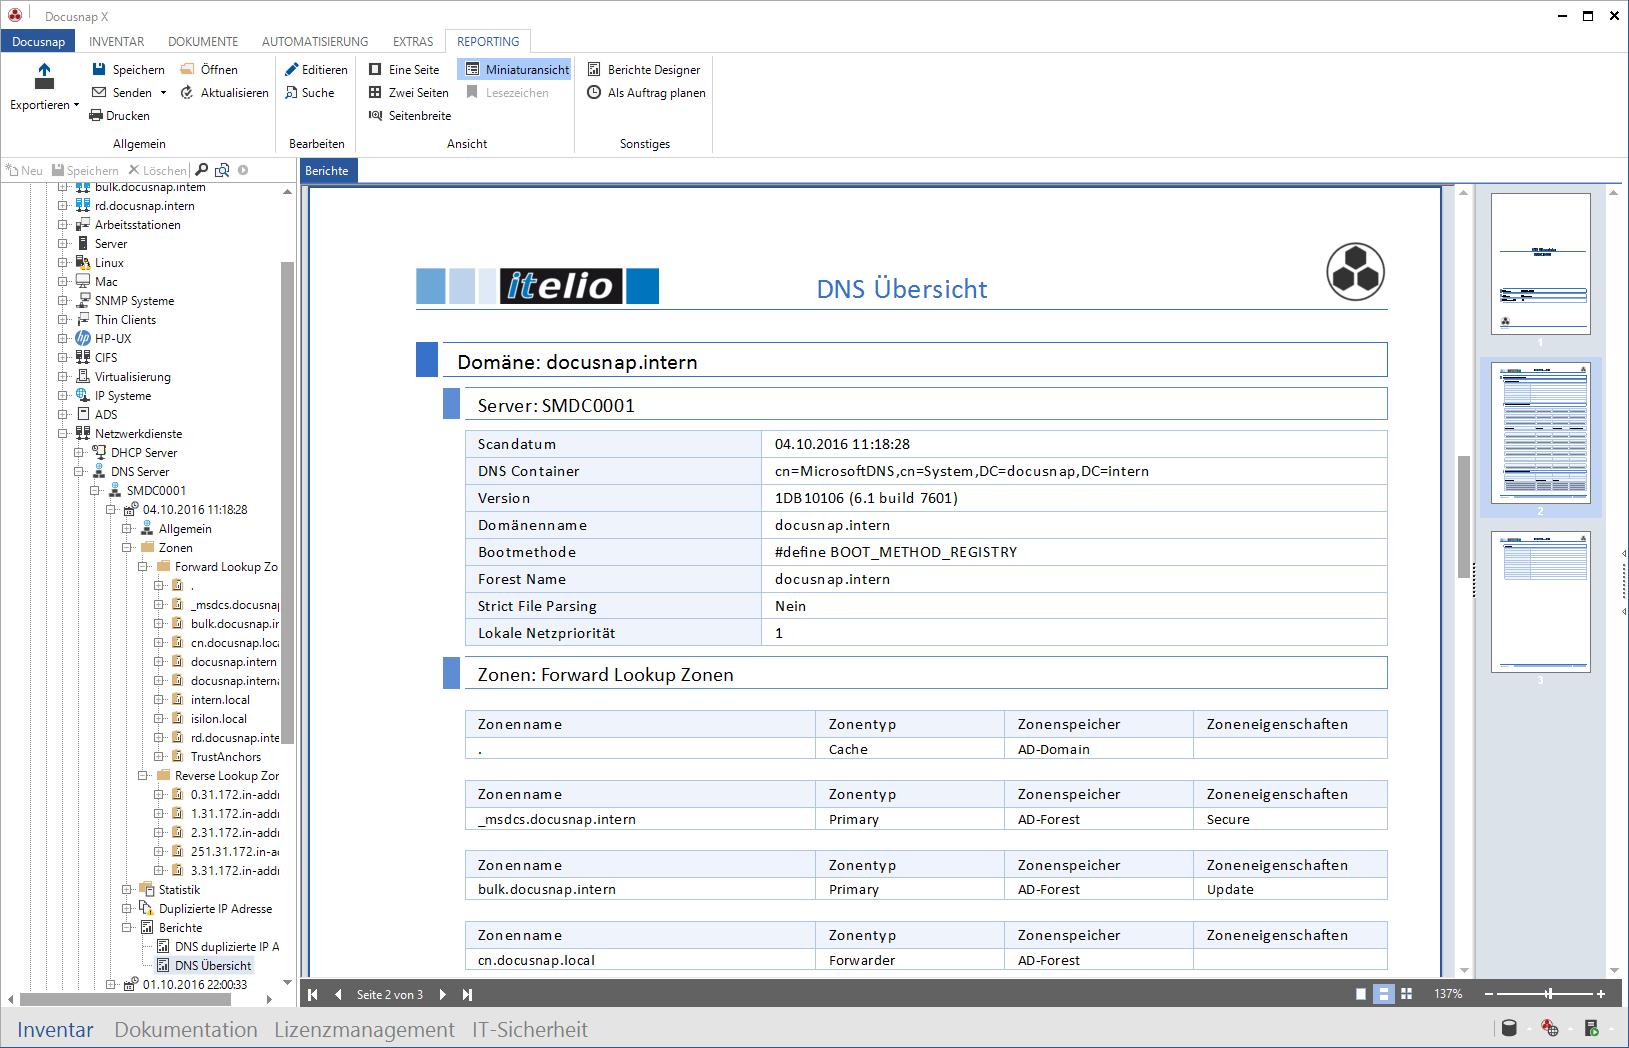 Darstellung der Microsoft DNS Inventarisierung in einem Bericht